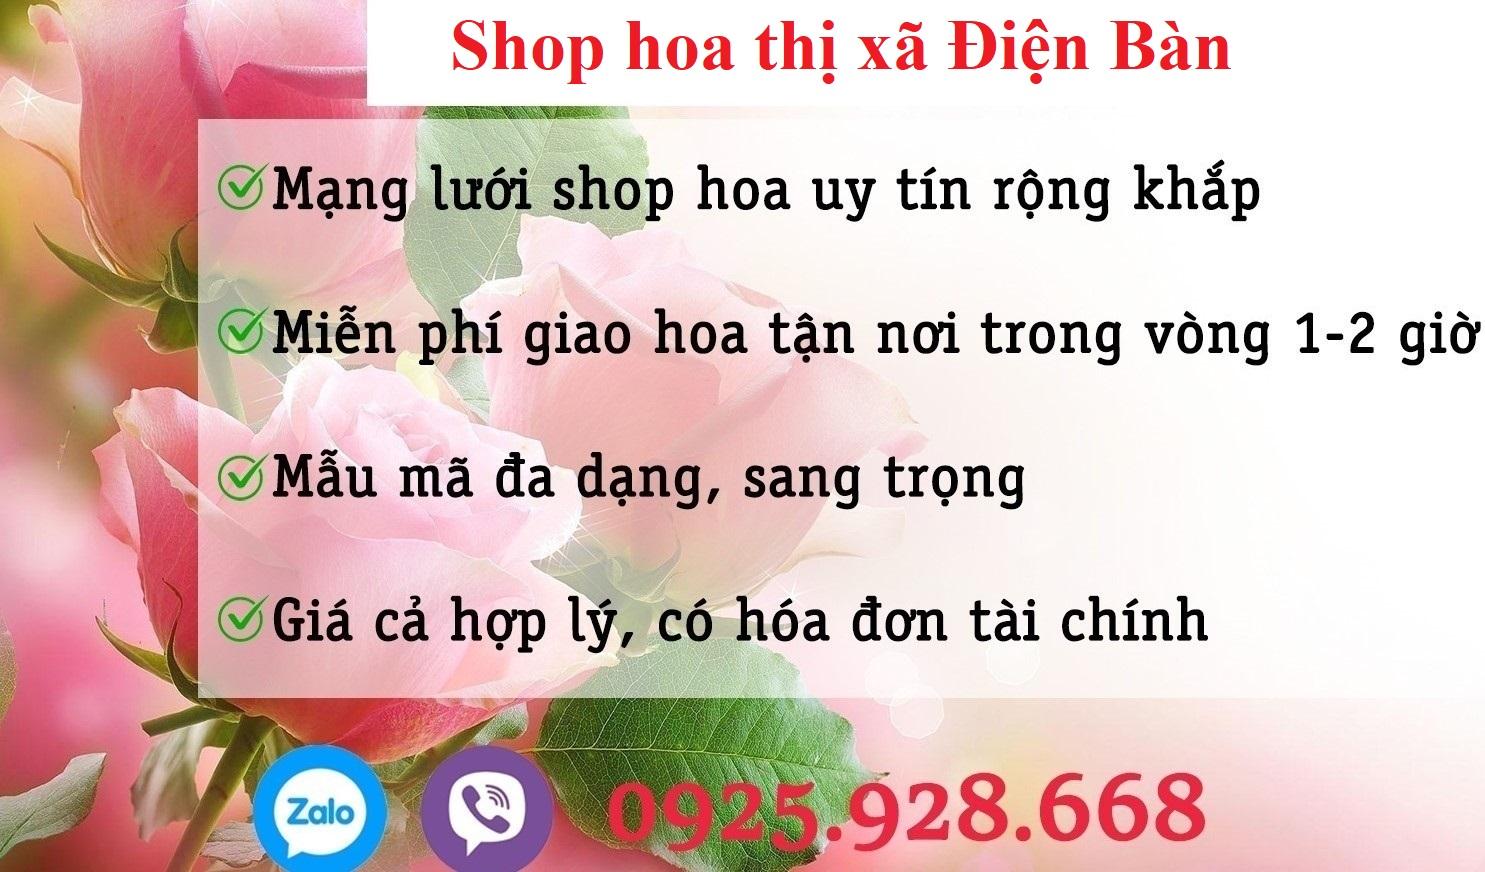 Shop hoa Điện Bàn